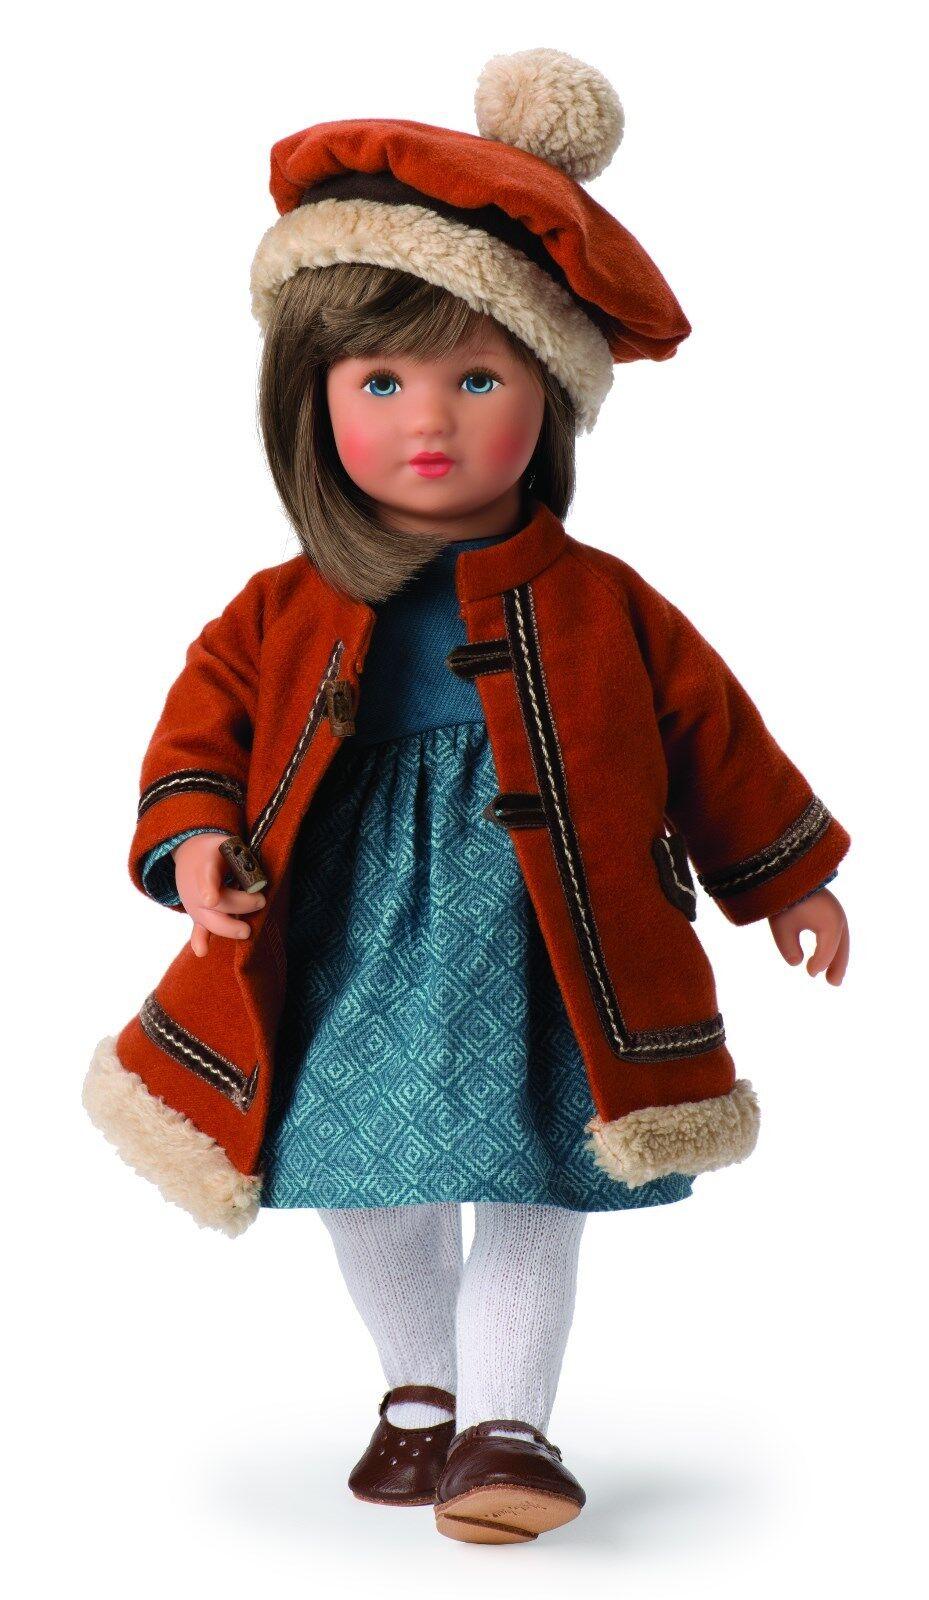 Käthe Kruse Puppe Puppe Puppe Glückskind Birthe ca 39 cm Art-Nr. 42751 Neu b15aa9